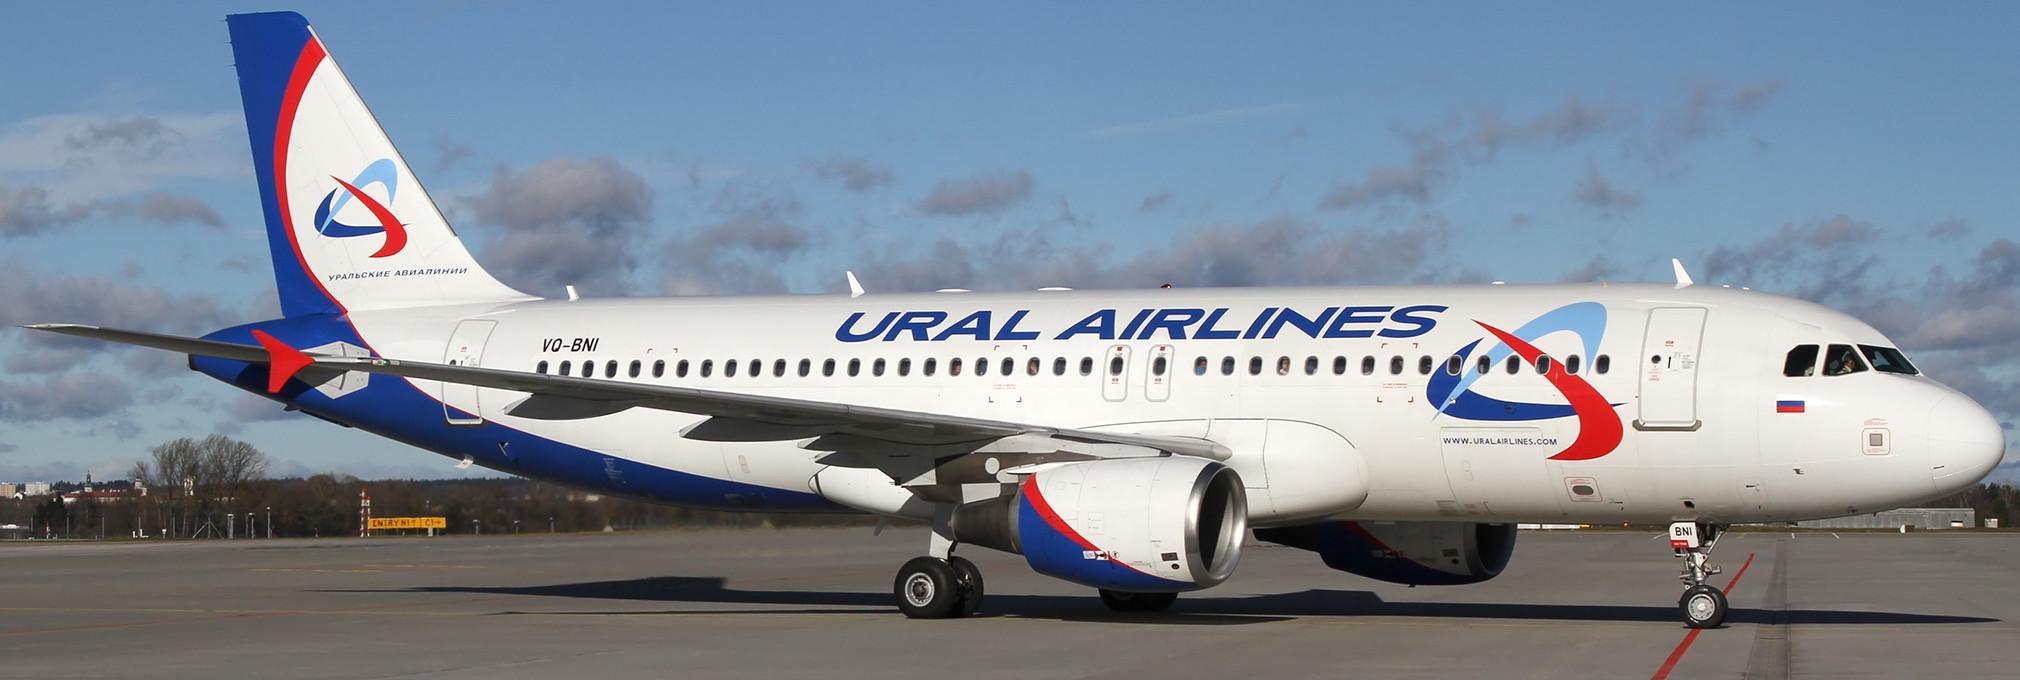 Картинки по запросу Перевозчик - Ural Airlines